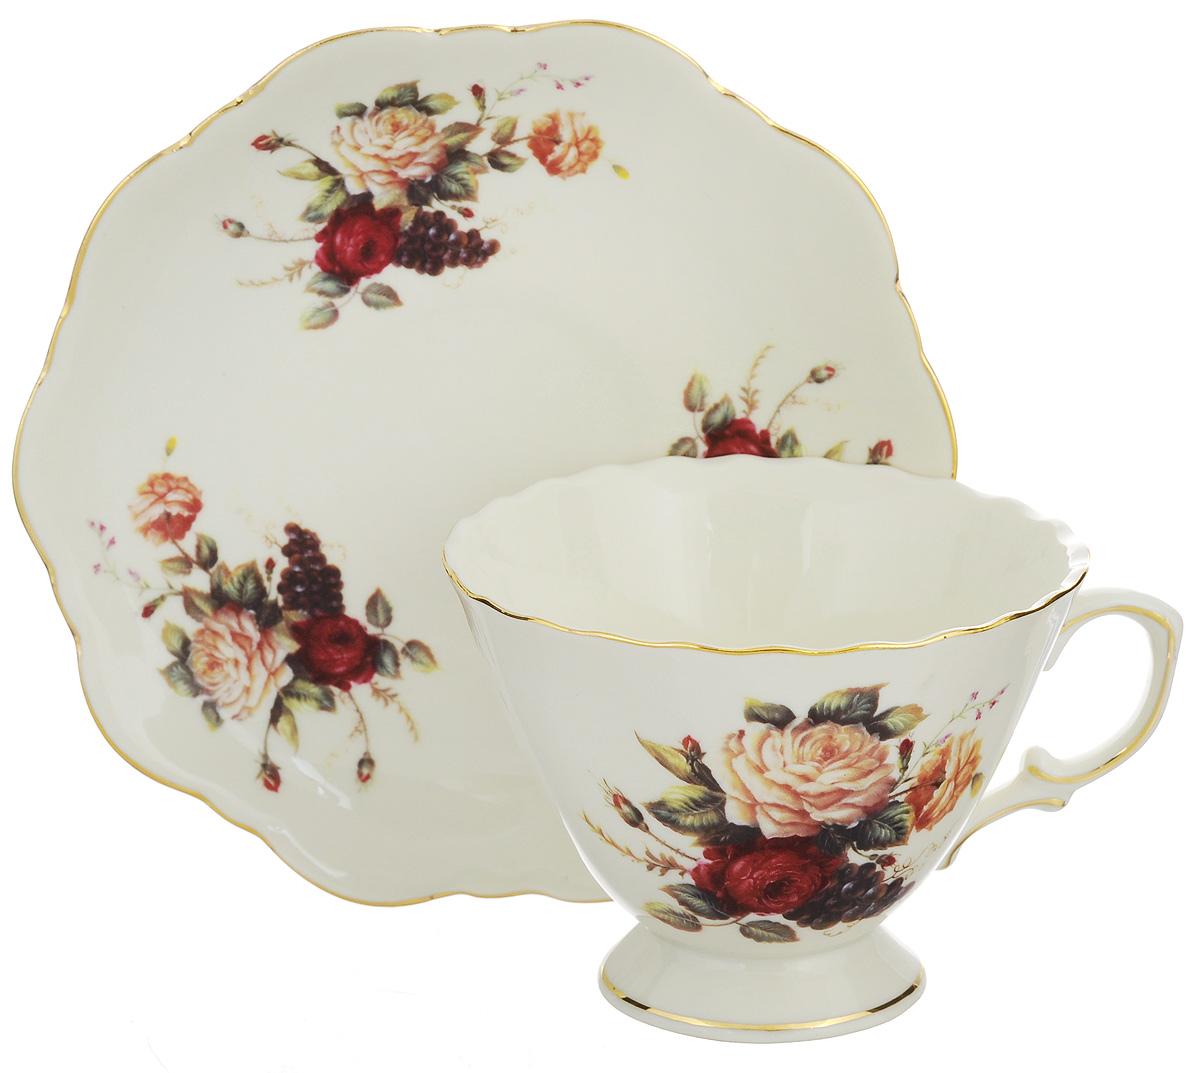 Набор чайных пар Elan Gallery Бархатный нектар, 4 предмета соусник elan gallery листок 15 7 5 2 5 см 2 секции